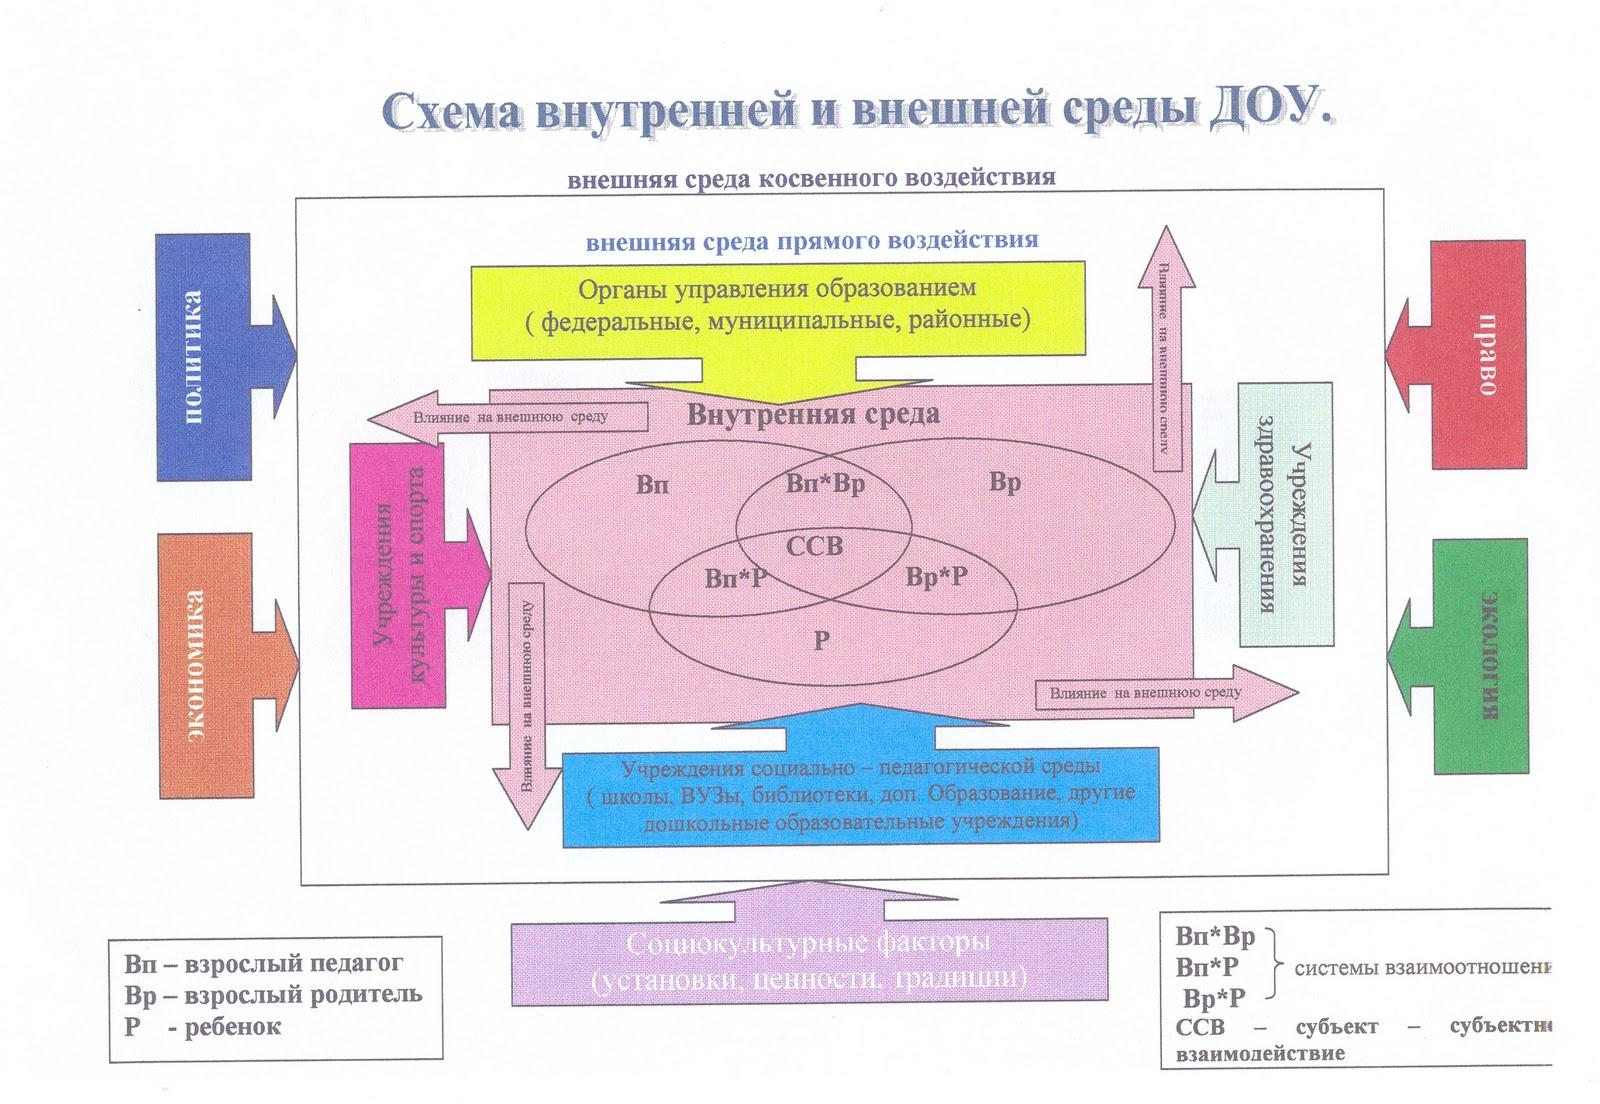 Схема внутренняя внешняя среда организации